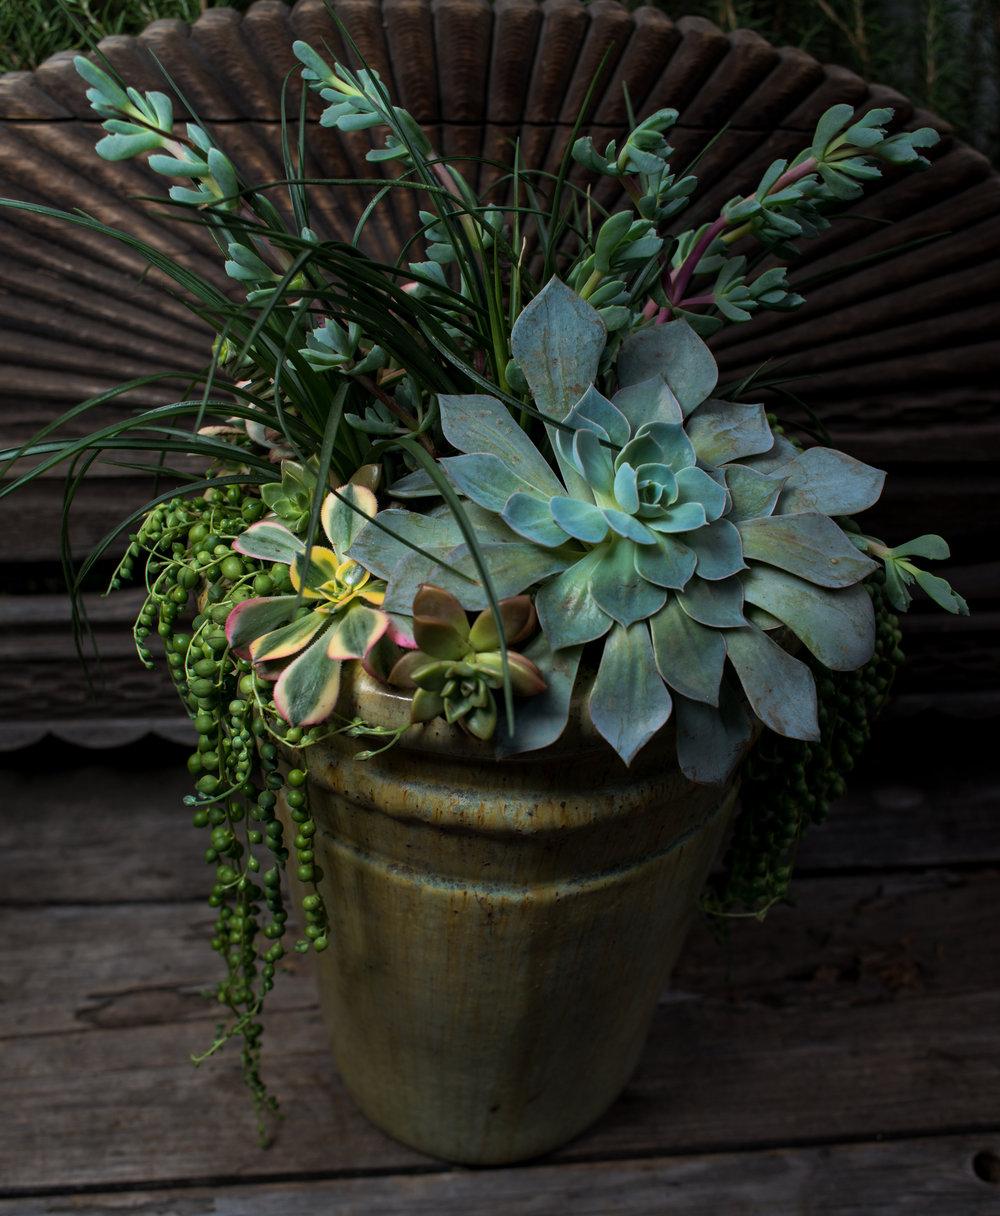 35_Succulents_Glazed_pot_outdoor_business_EL.jpg